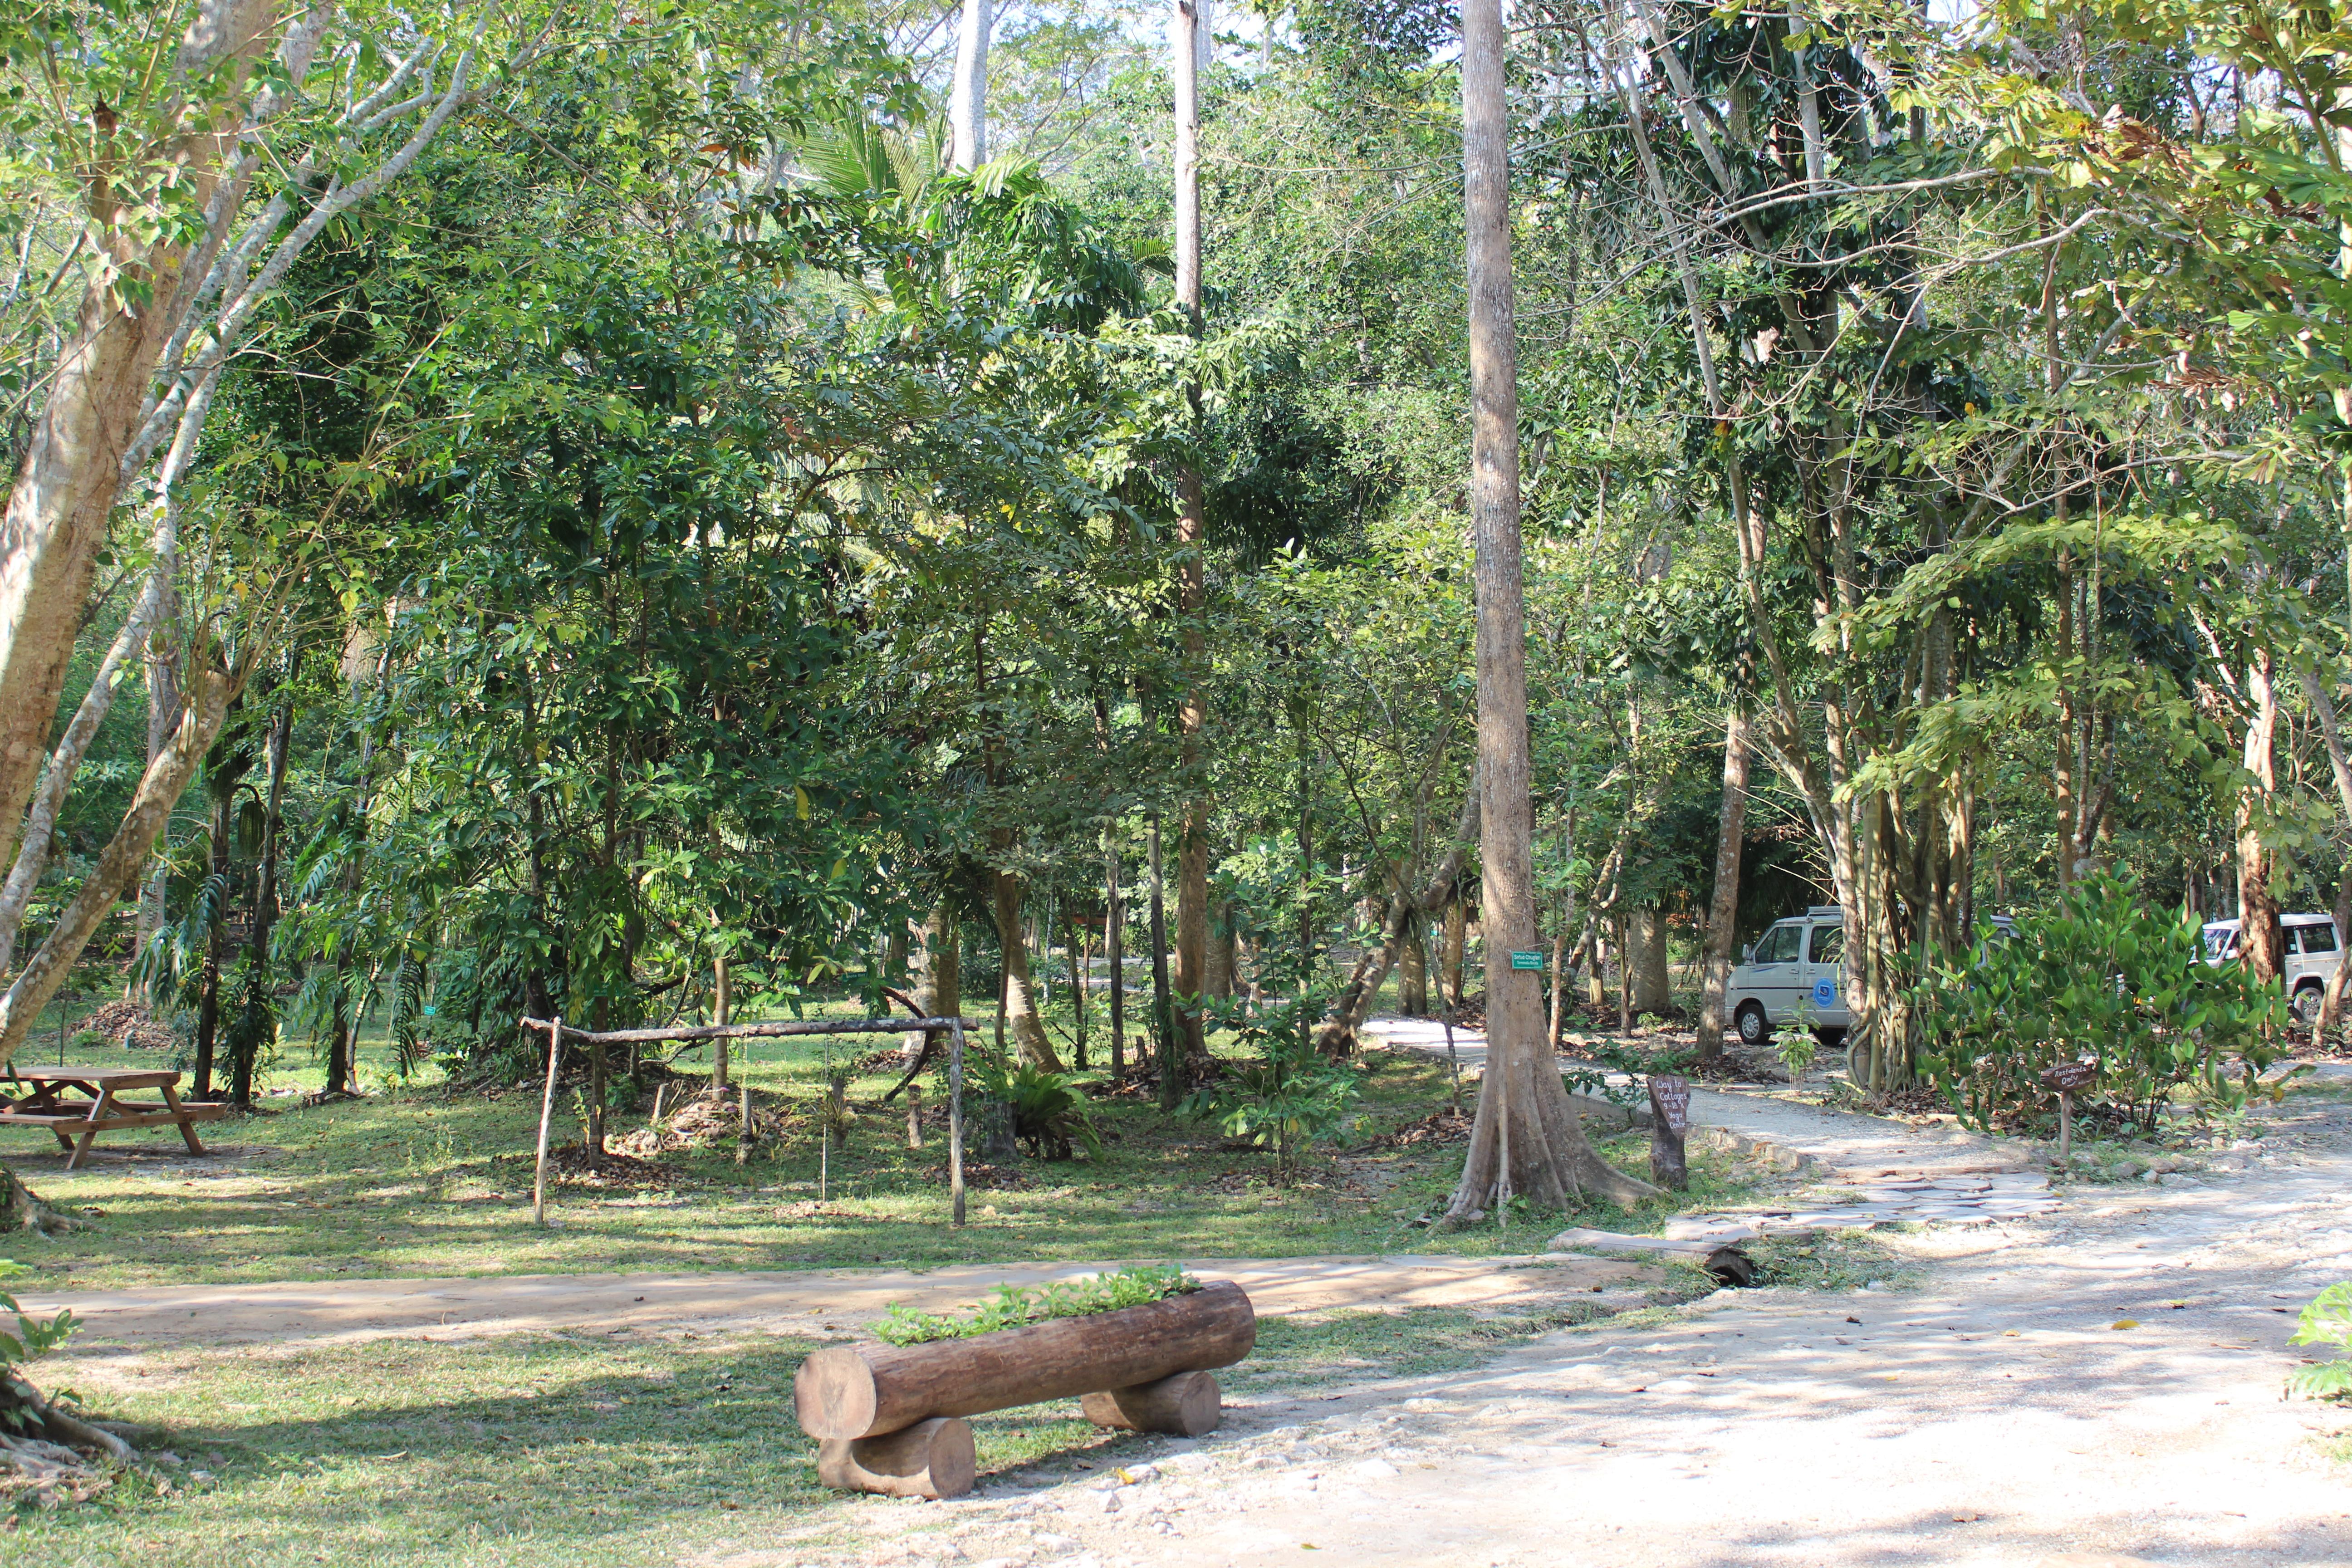 Outside area